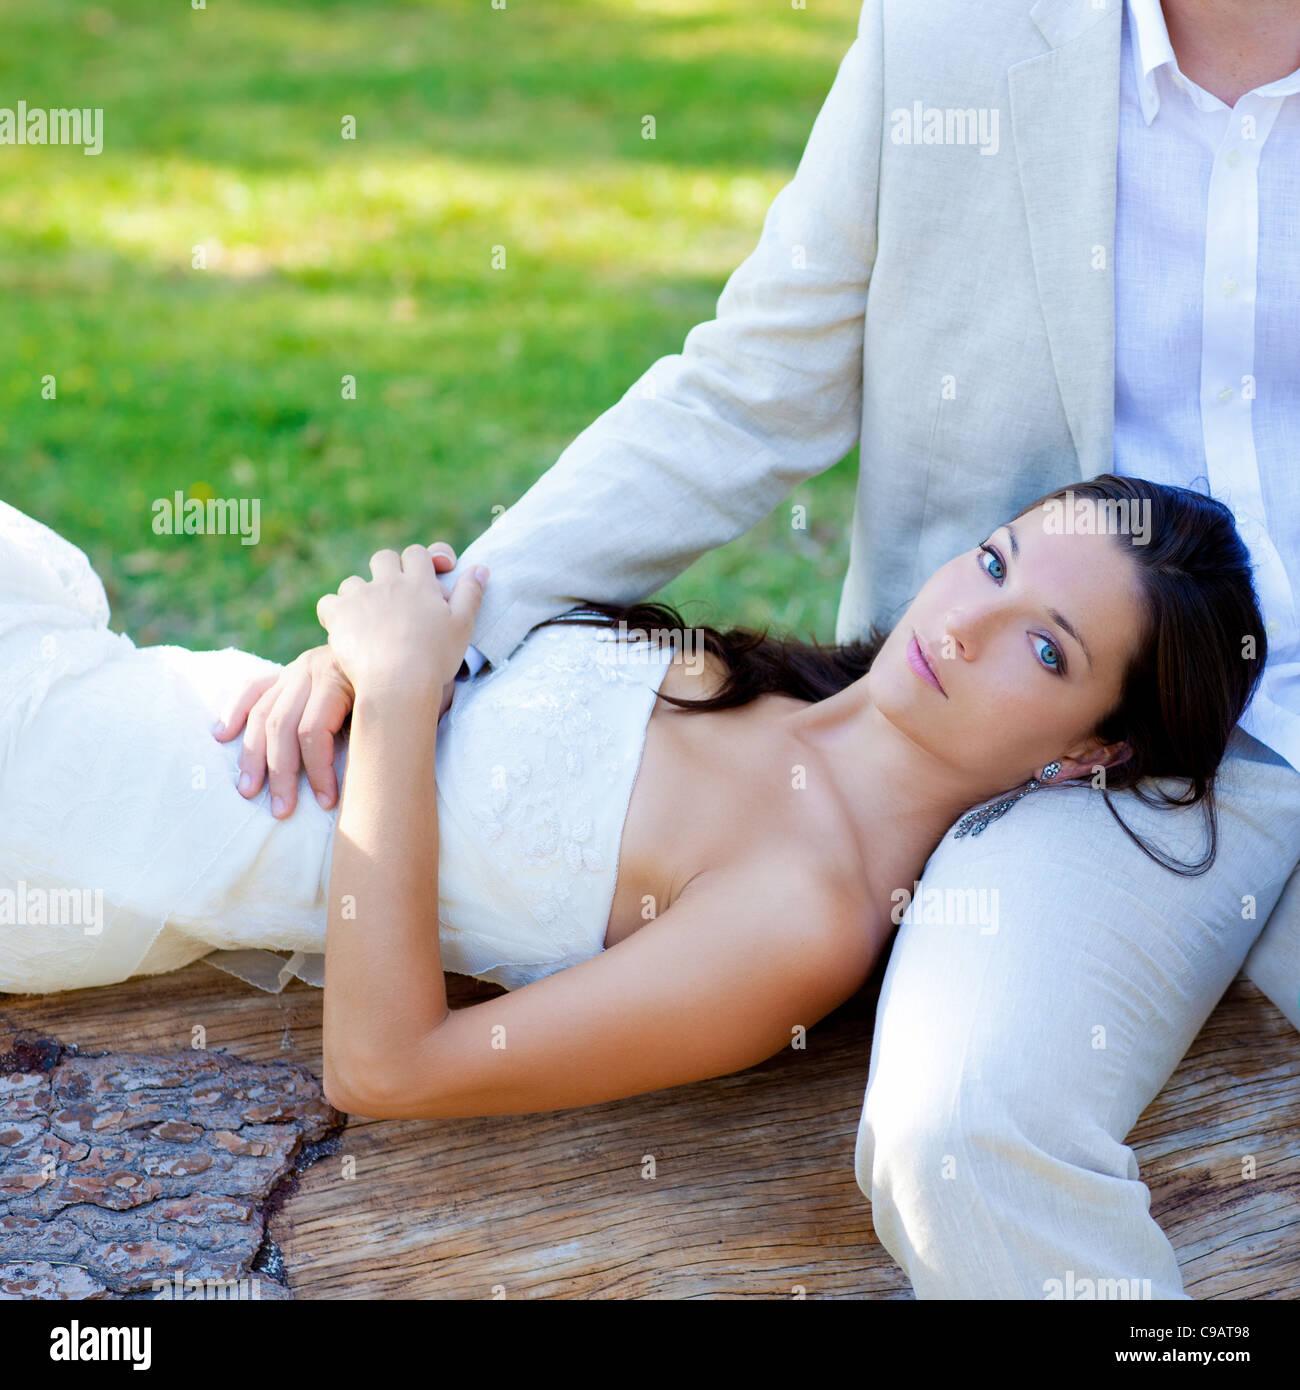 Mujer acostada sobre marido pierna en un parque tronco justo casado Imagen De Stock